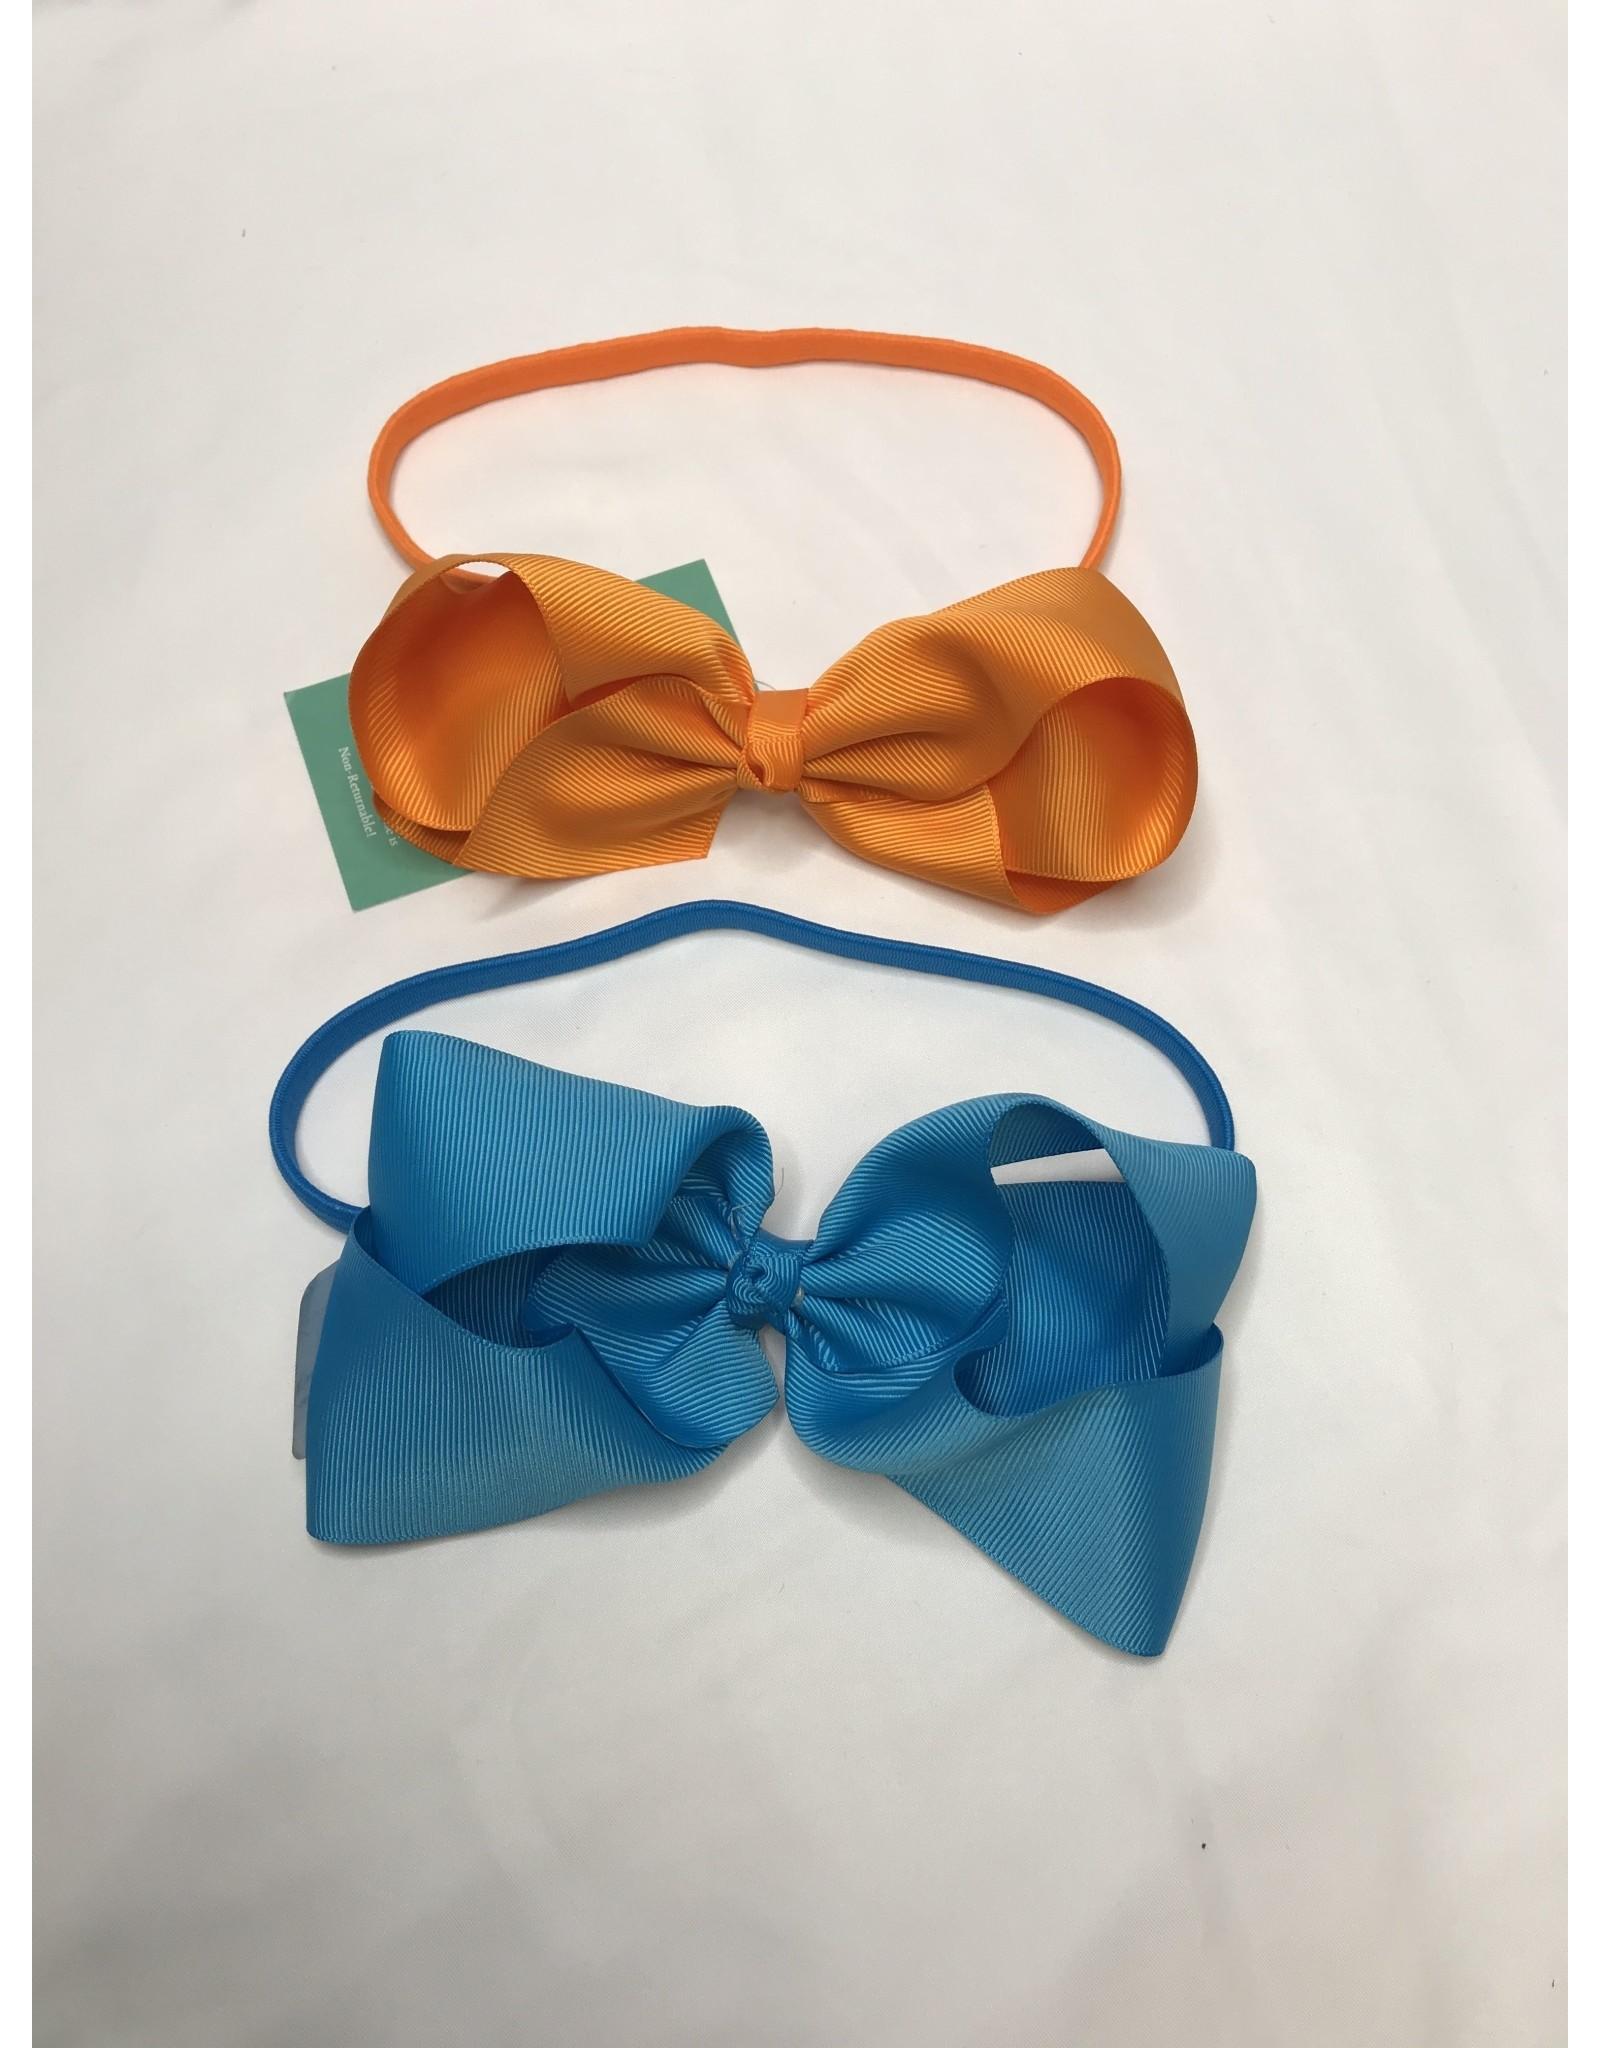 Haute Bows Elastic headband with bow